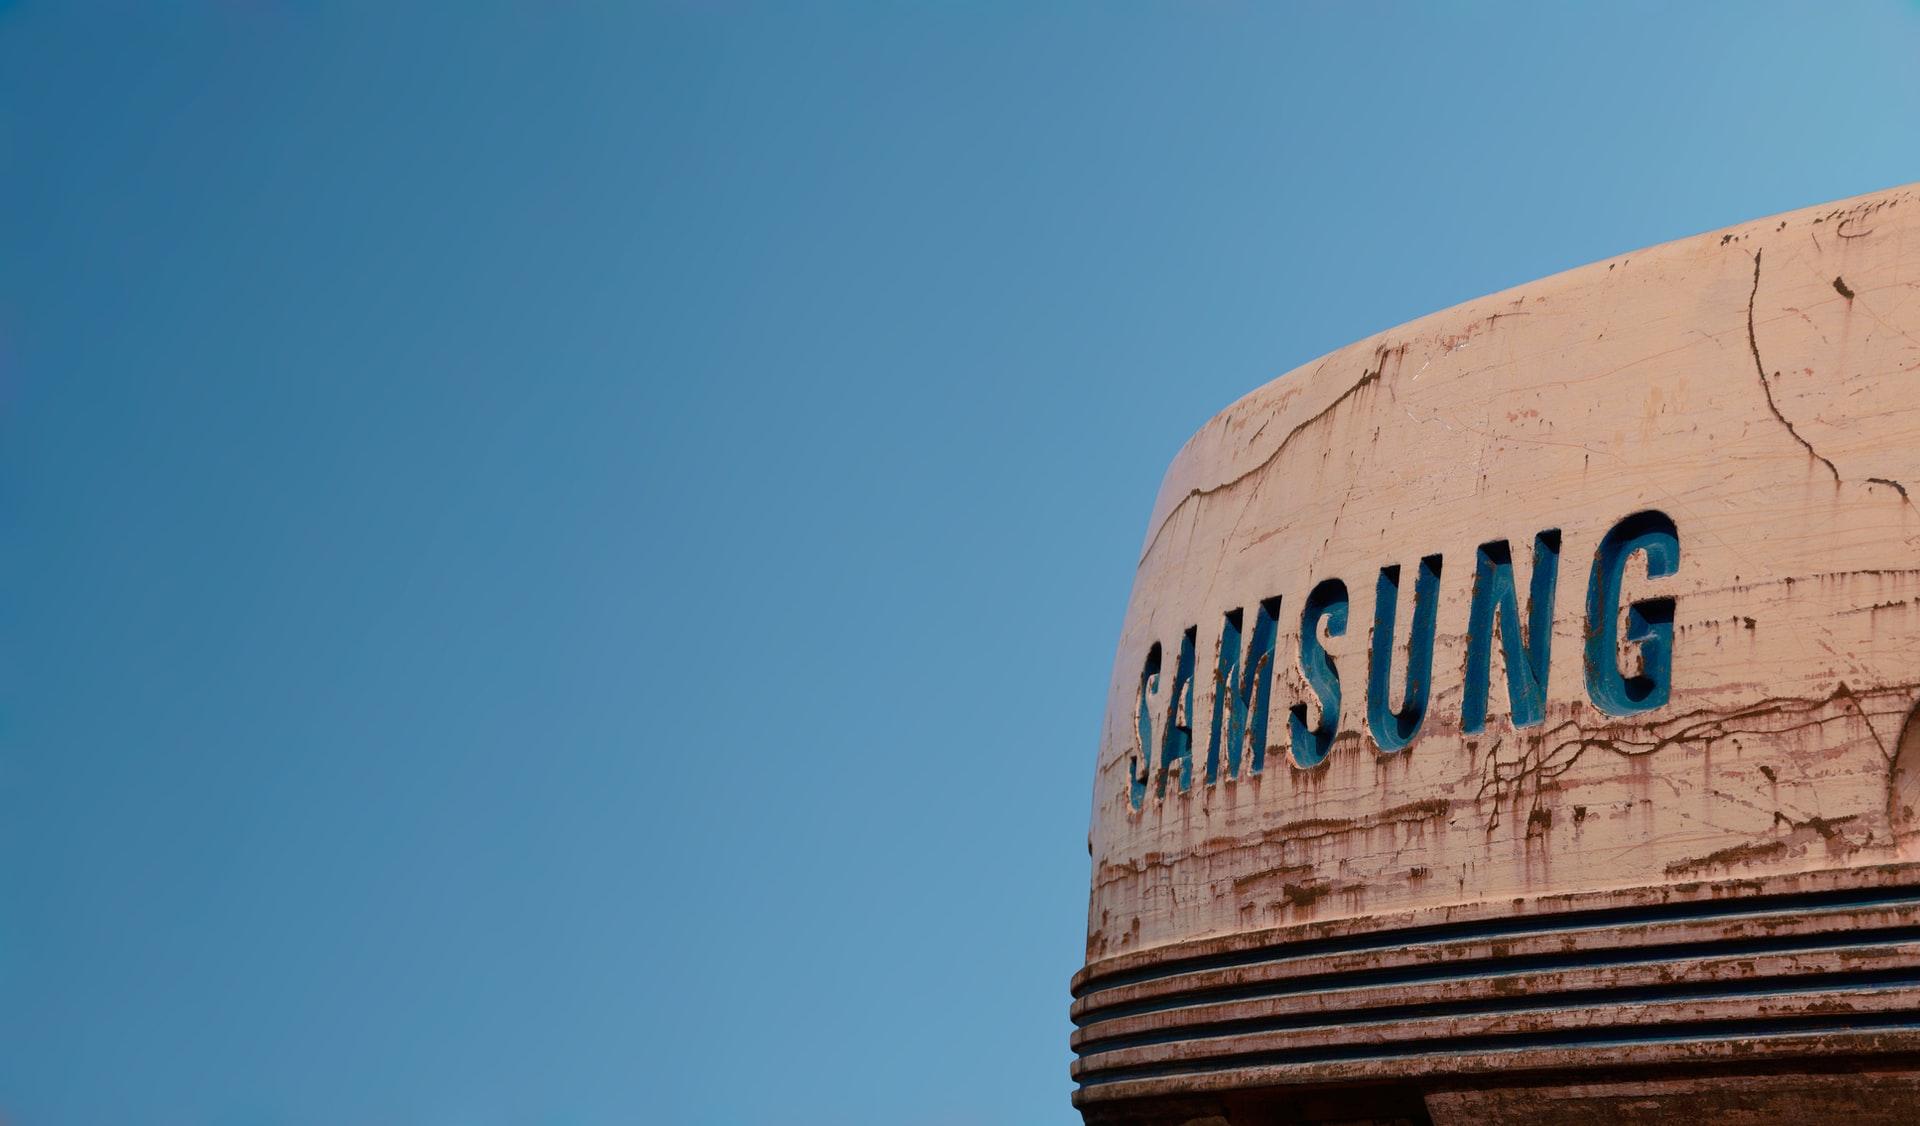 La nueva lavadora de Samsung usará inteligencia artificial para eliminar las confusiones de la ropa